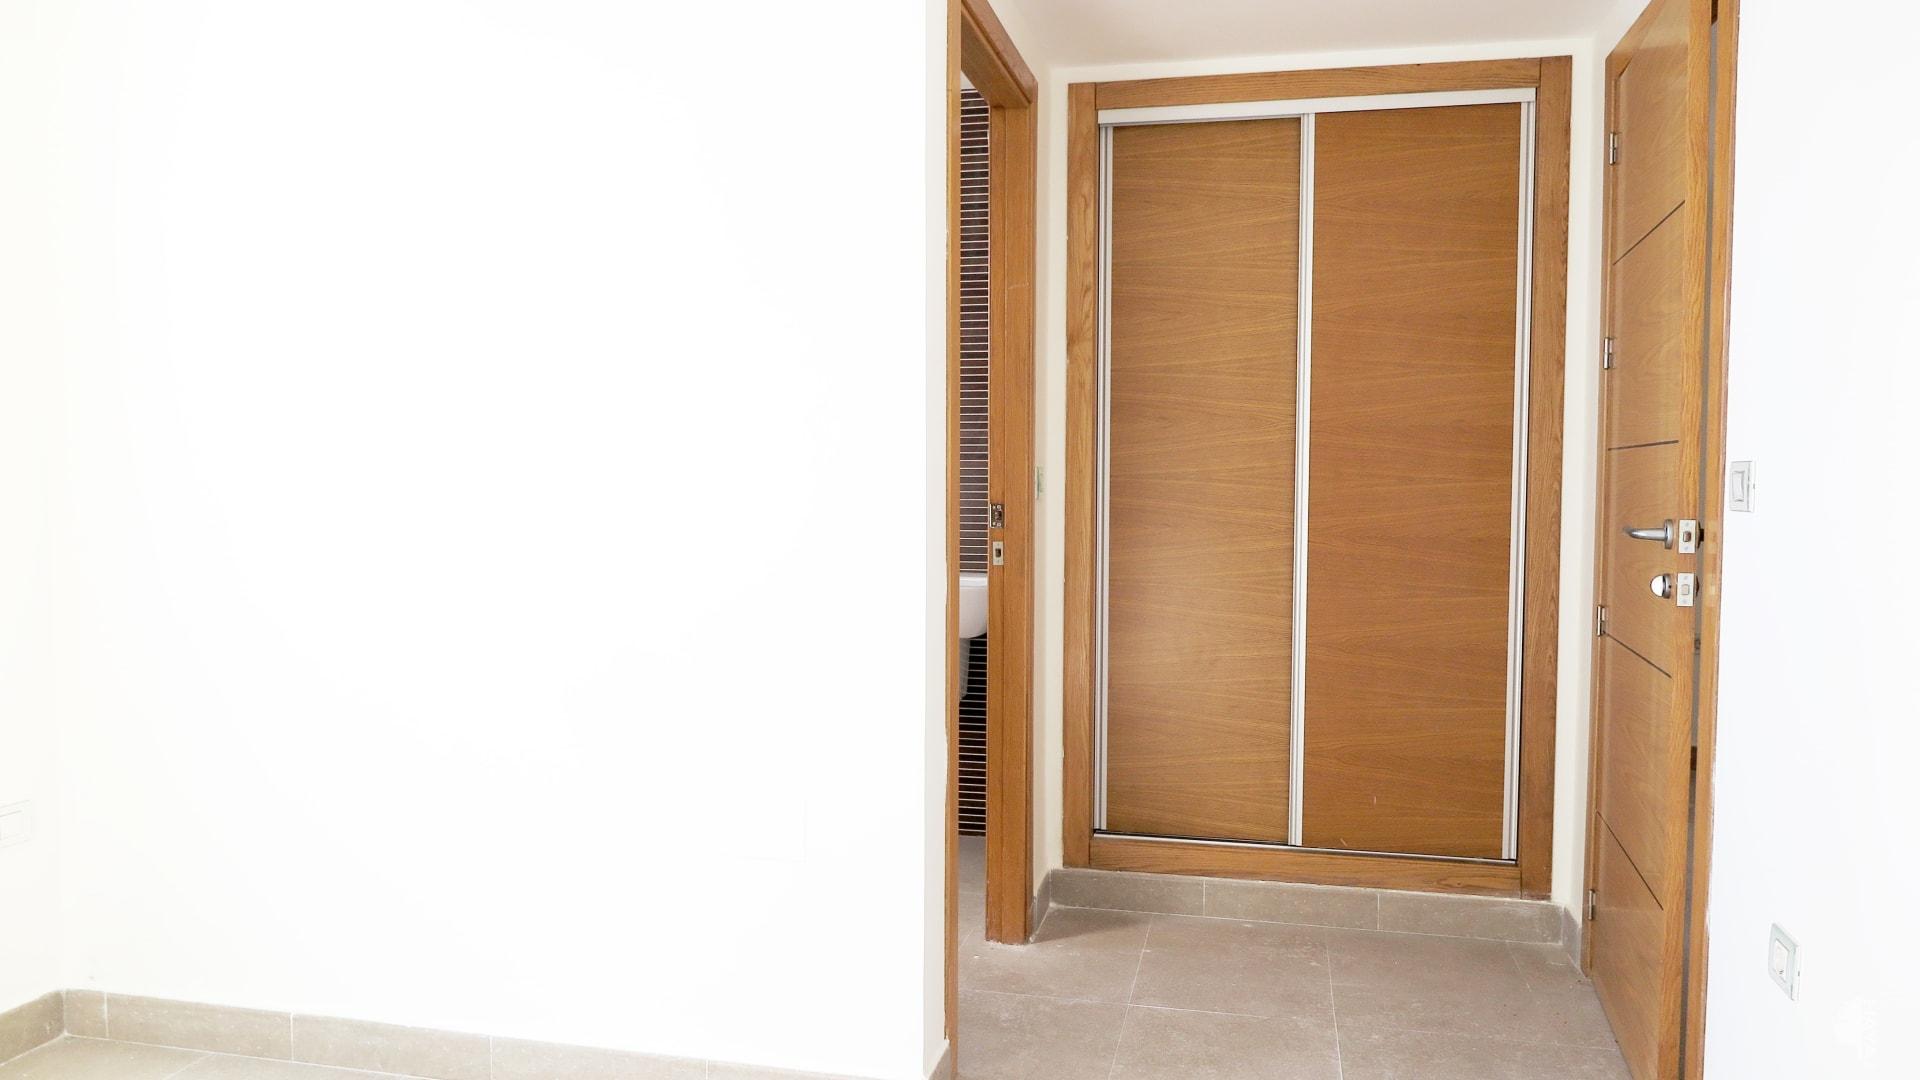 Piso en venta en Piso en San Javier, Murcia, 93.000 €, 2 habitaciones, 2 baños, 63 m2, Garaje